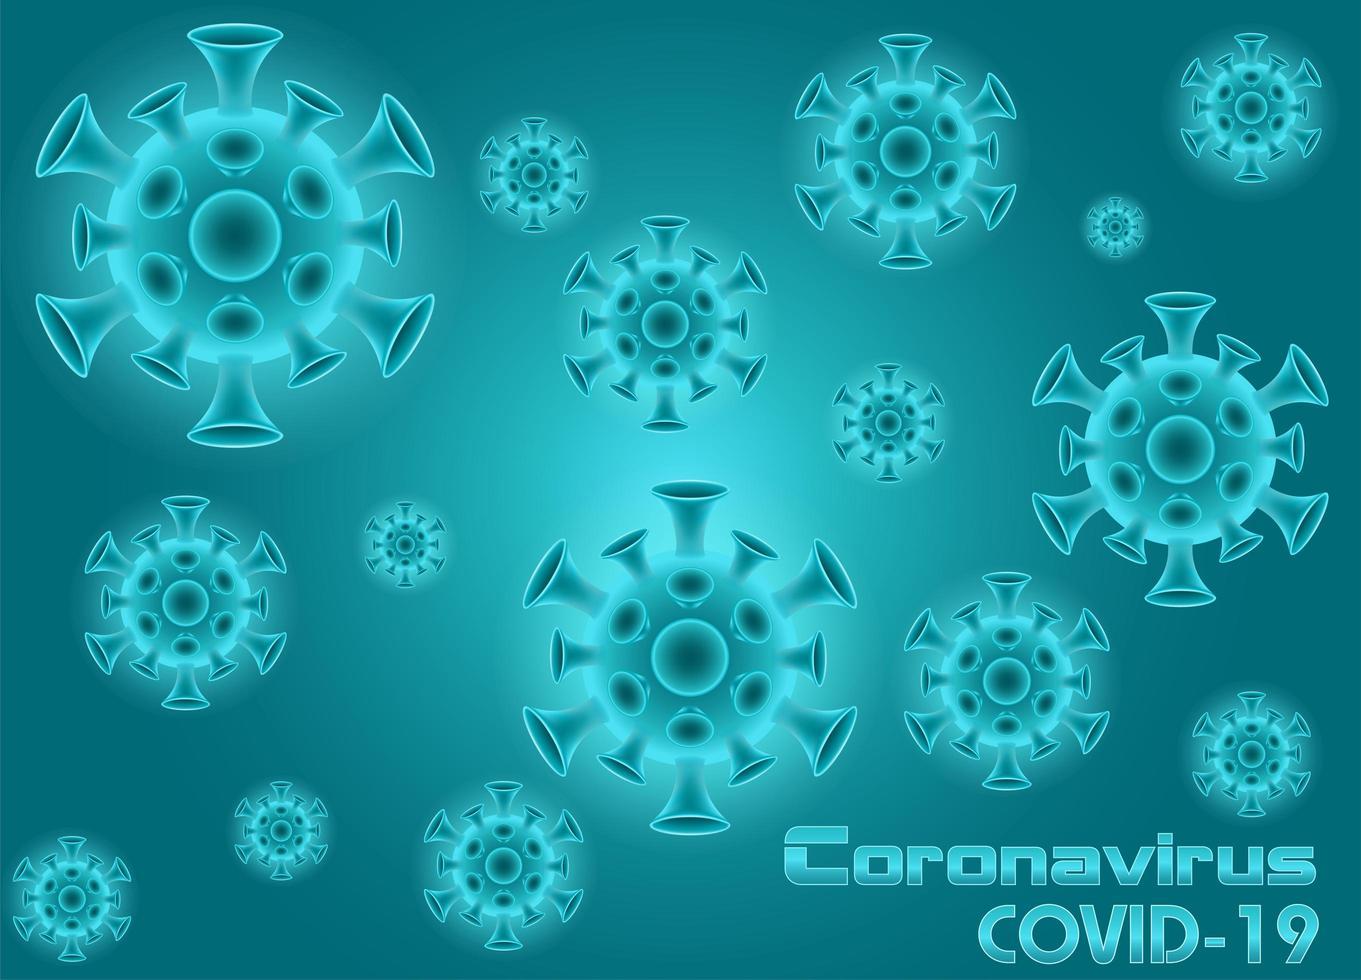 Pandemie Coronavirus Covid-19 Hintergrund vektor